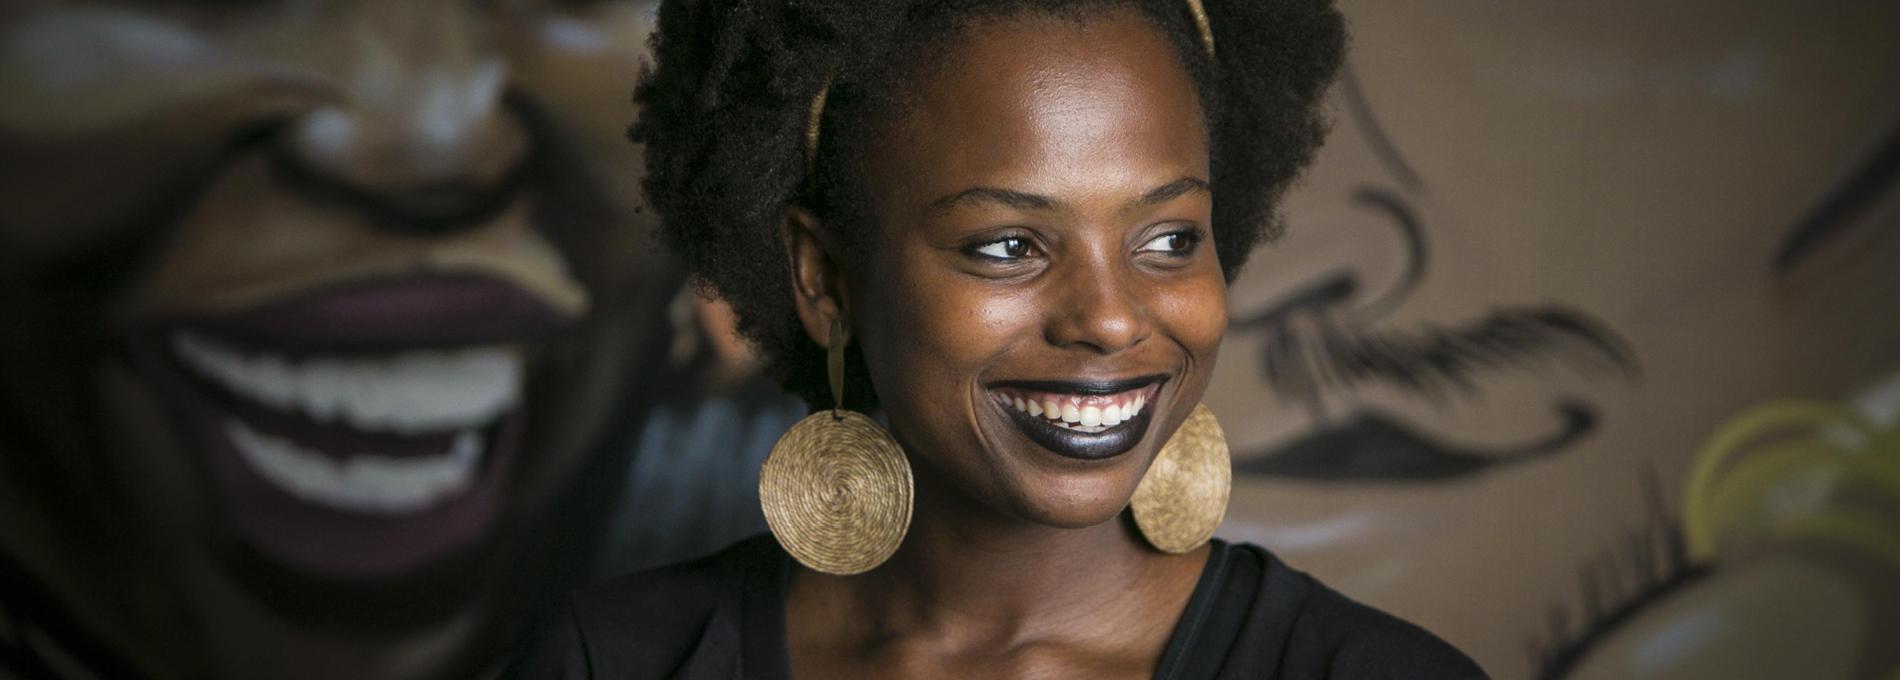 Luana Génot: personal trainer da igualdade racial